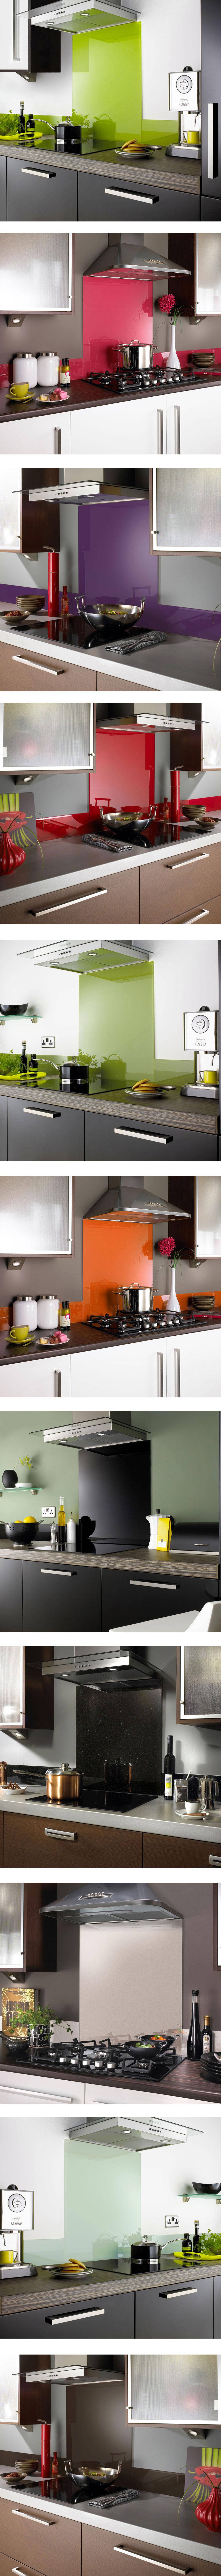 decoracion de cocinas pequenas con detalles en acero inoxidables (8)